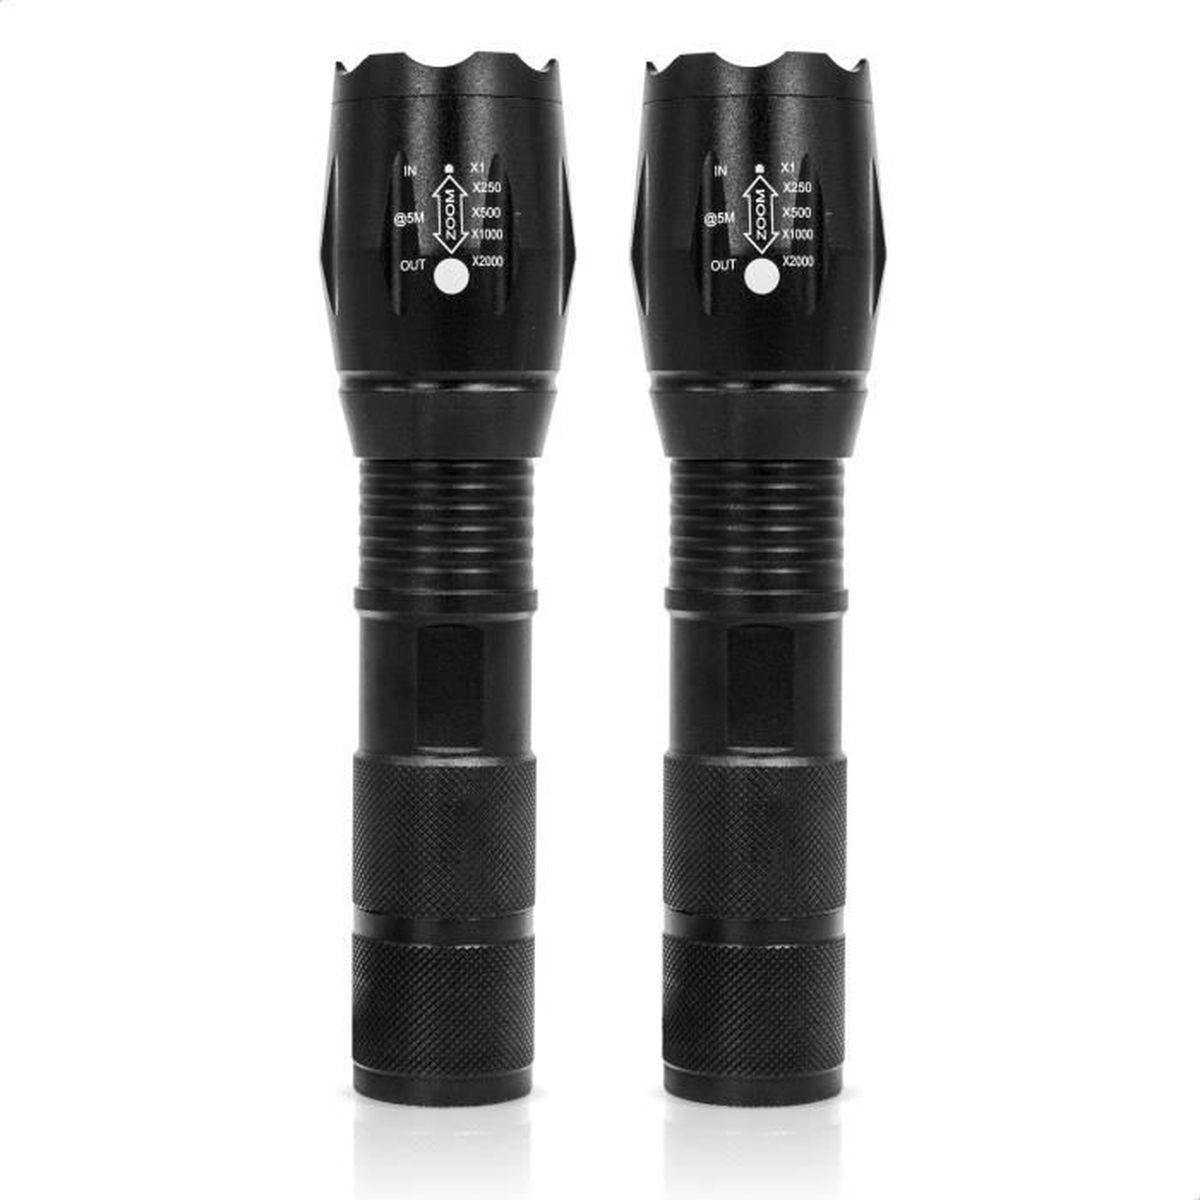 LAMPE DE POCHE Lampe de poche Led BRAVO ALFRED 5 modes d'éclairag